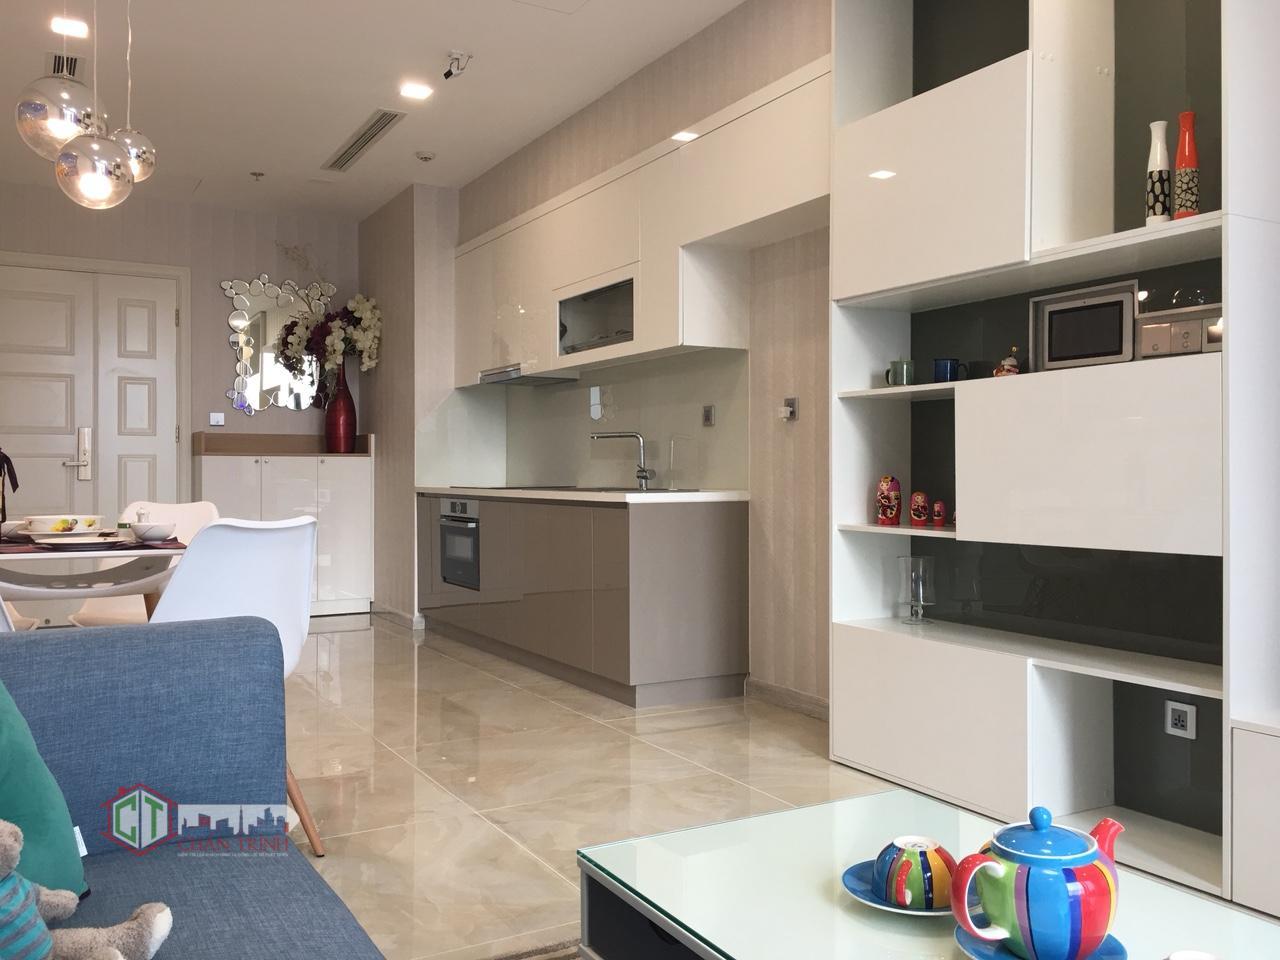 Khu vực bếp và bàn ăn căn hộ 1 phòng ngủ vinhomes golden river